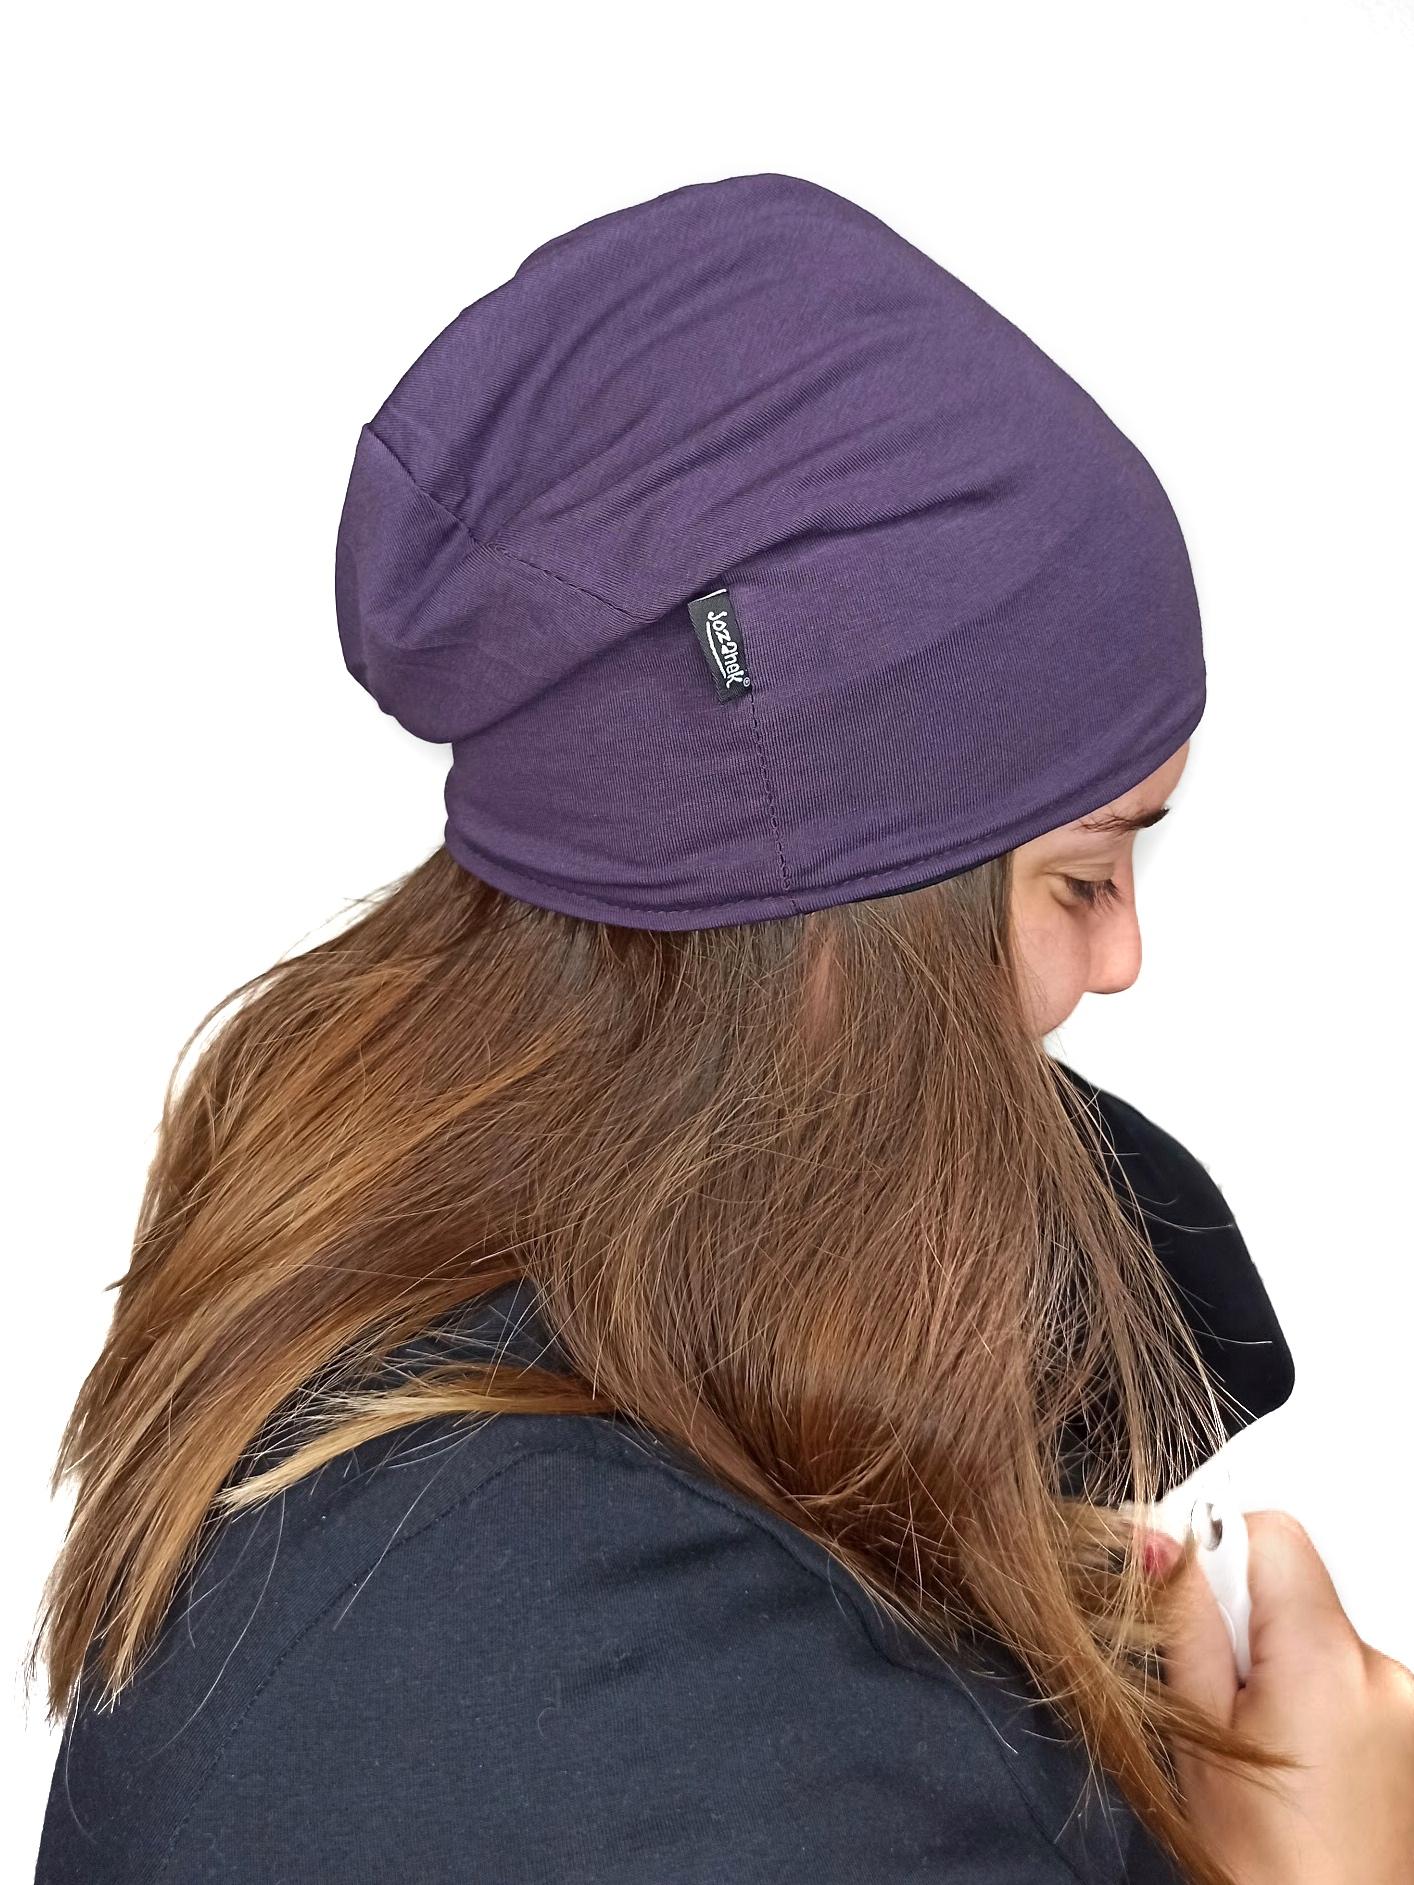 Dětská čepice bavlněná, obuoustranná, černá+švestkově fialová, s